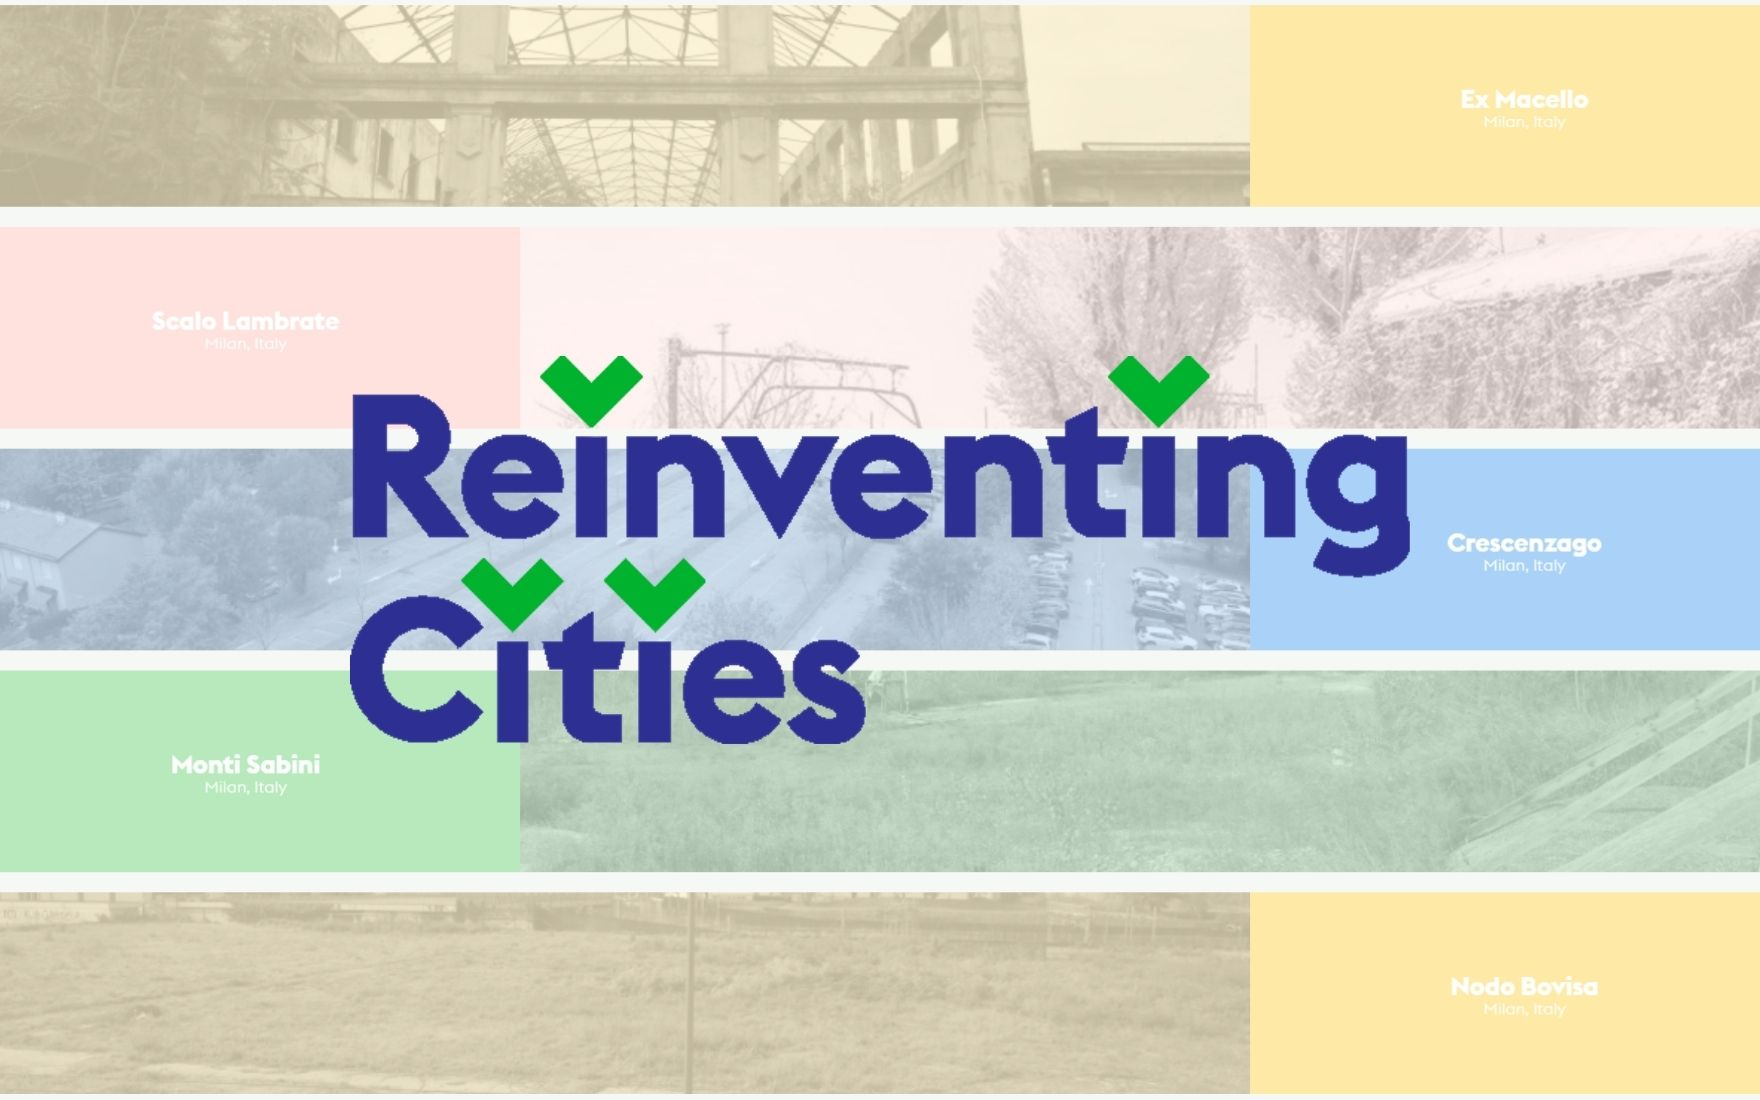 AG&P greenscape tra i finalisti di Reinventig Cities